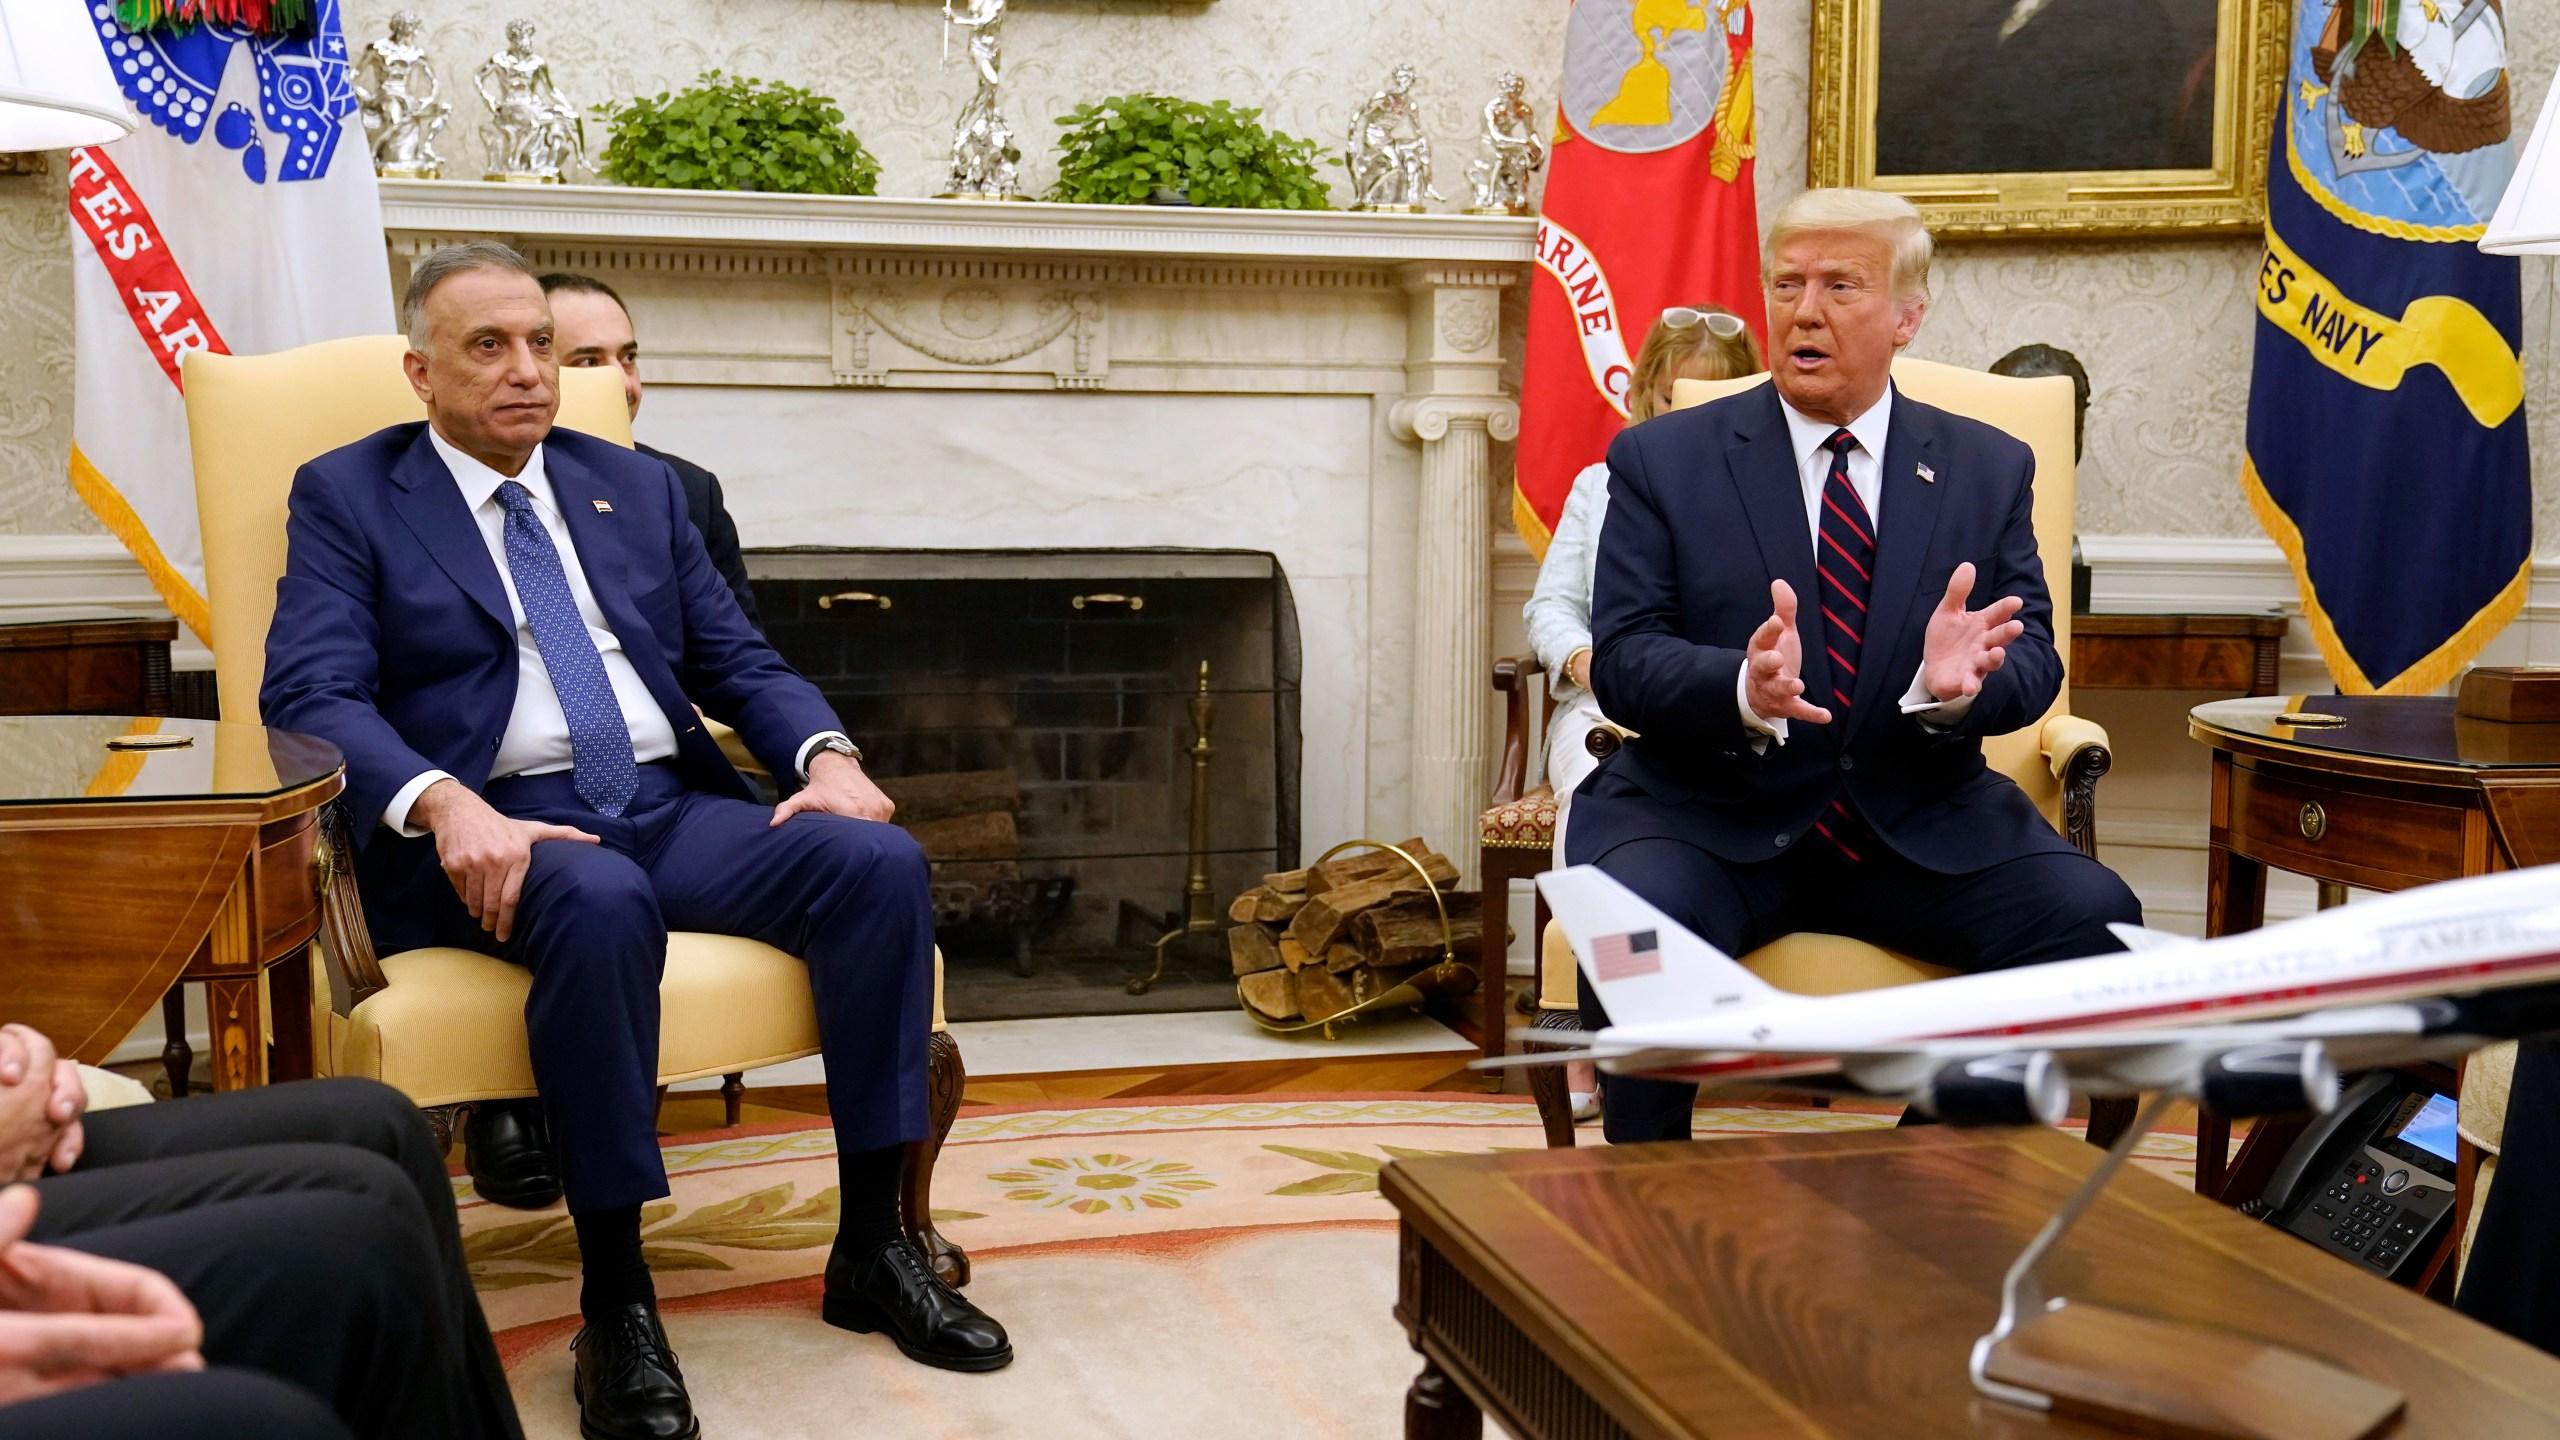 Donald Trump, Mustafa al-Kadhimi